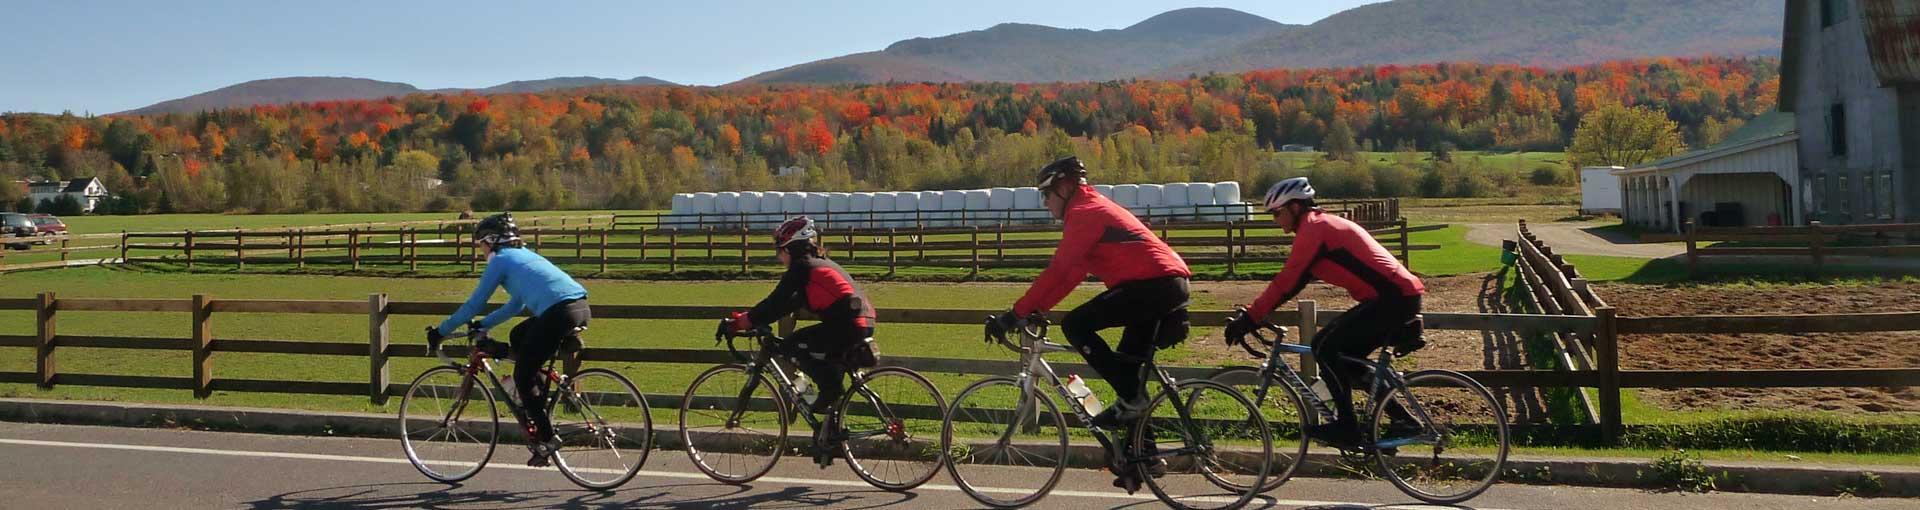 Tourisme Sutton : Le vélo à Sutton en automne